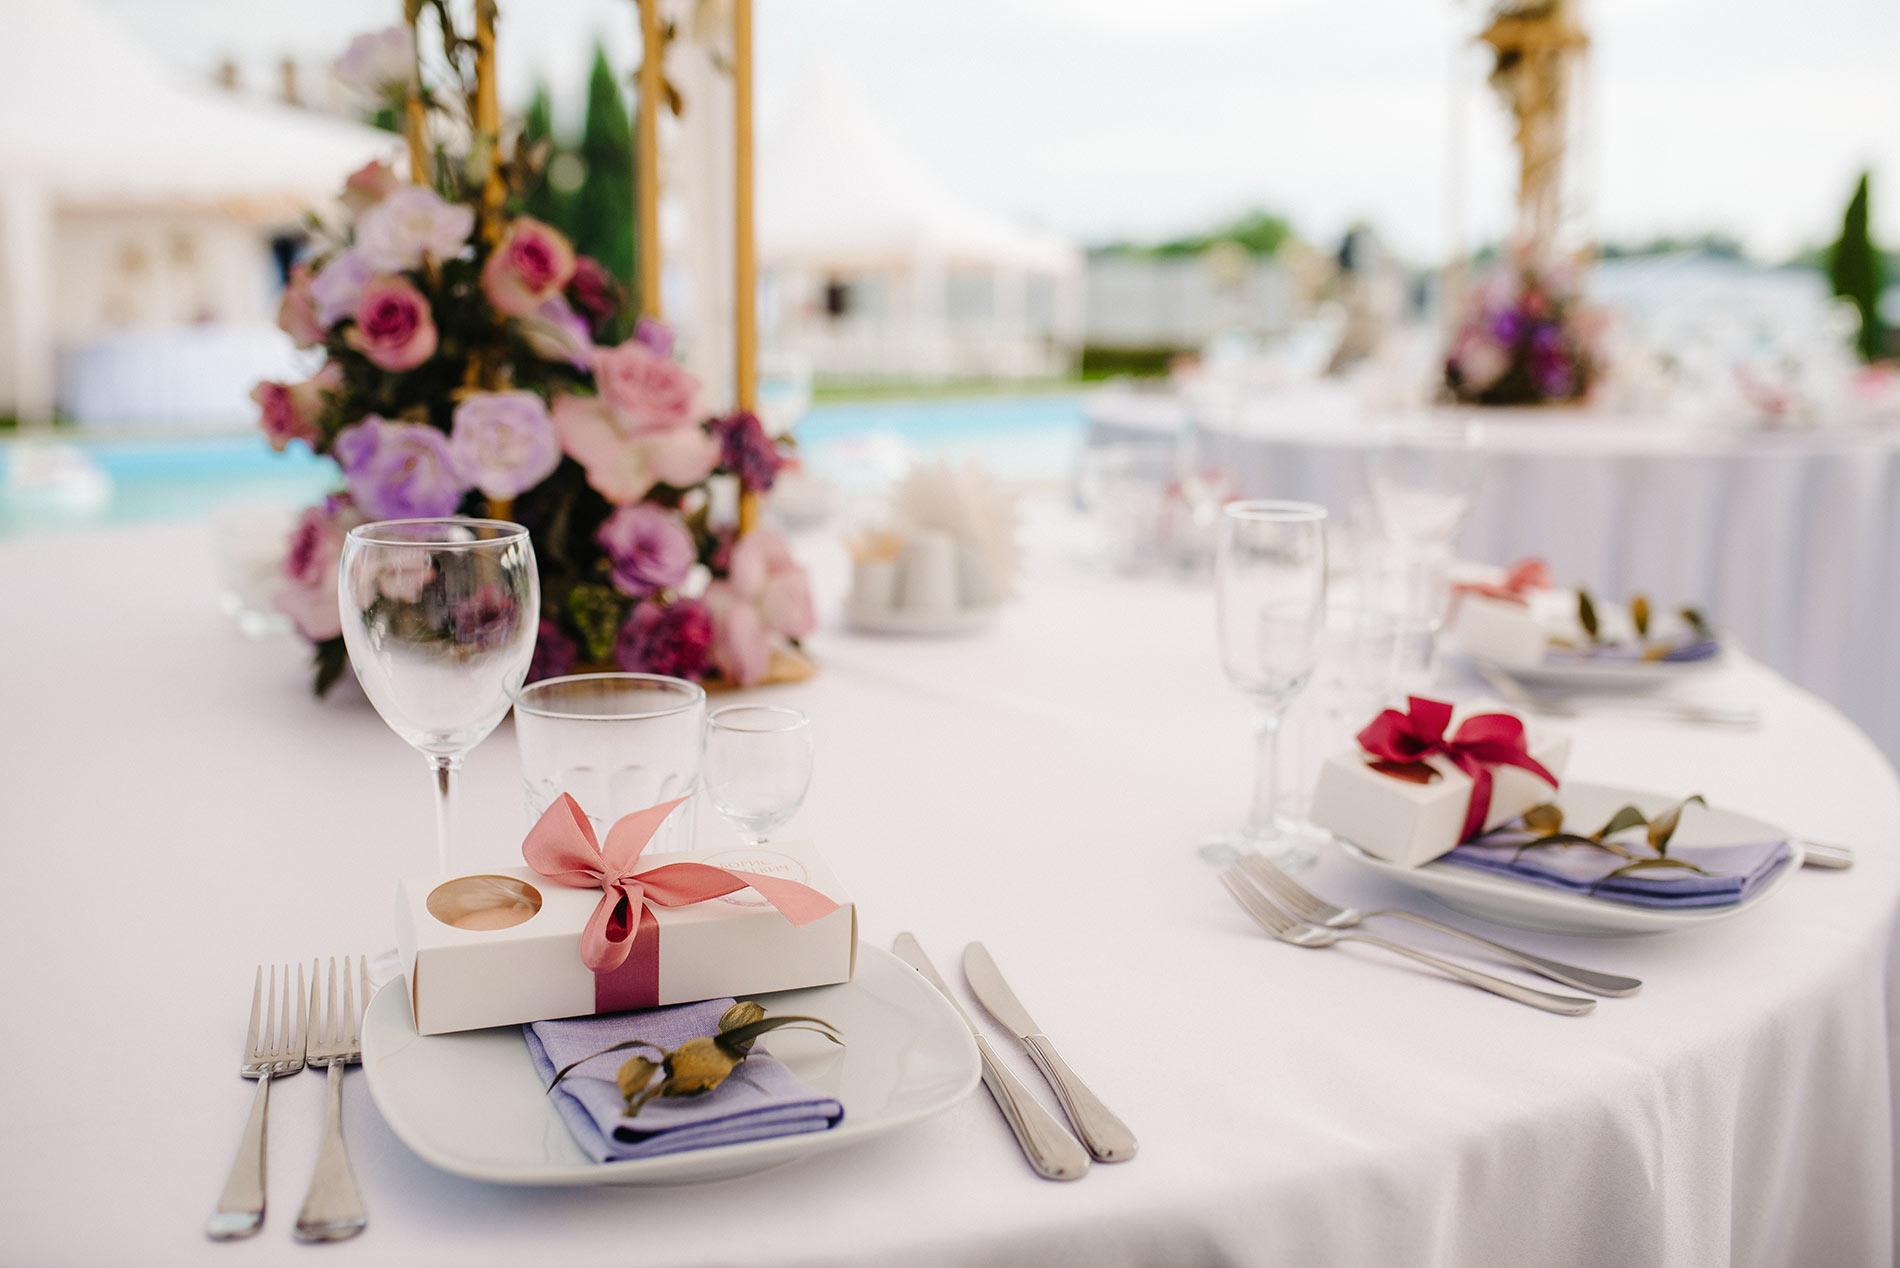 conseils astuces pour decoration automne mariage